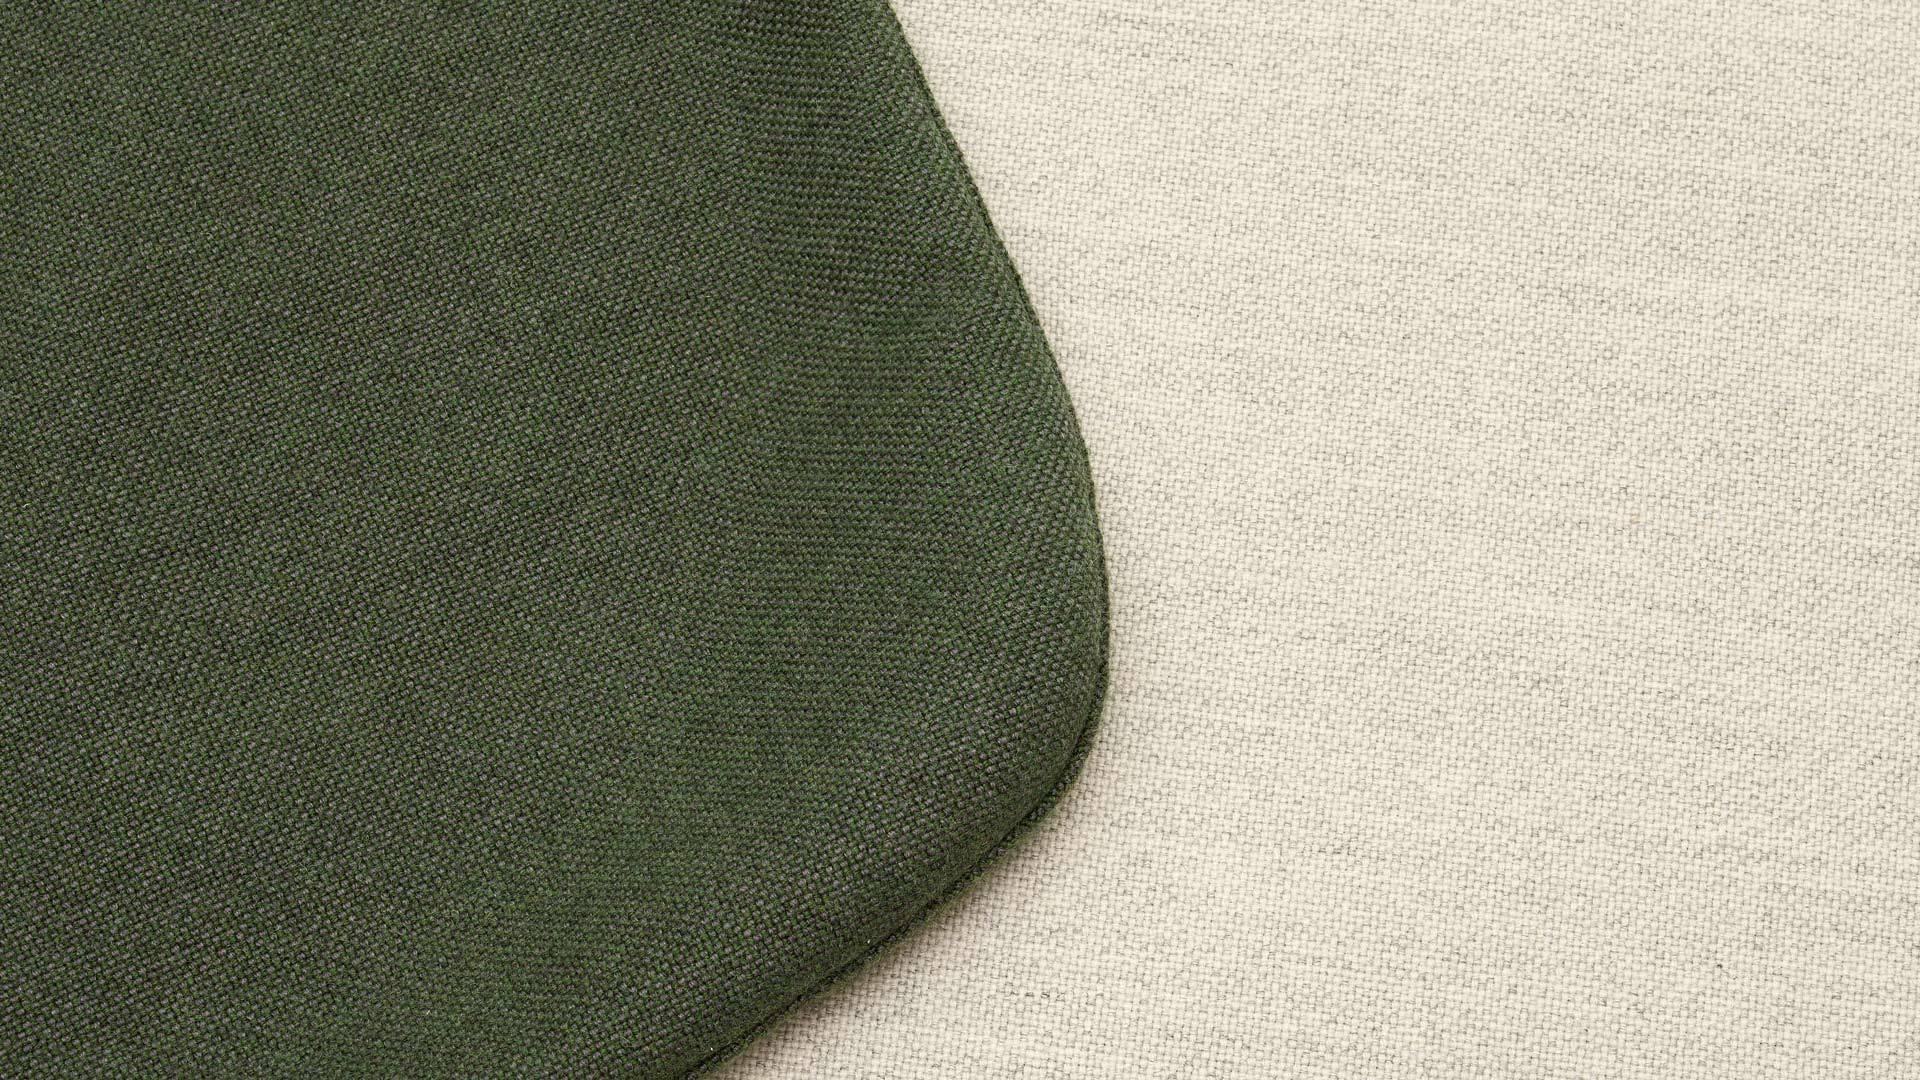 100%澳洲进口羊毛,极致柔韧的细腻触感